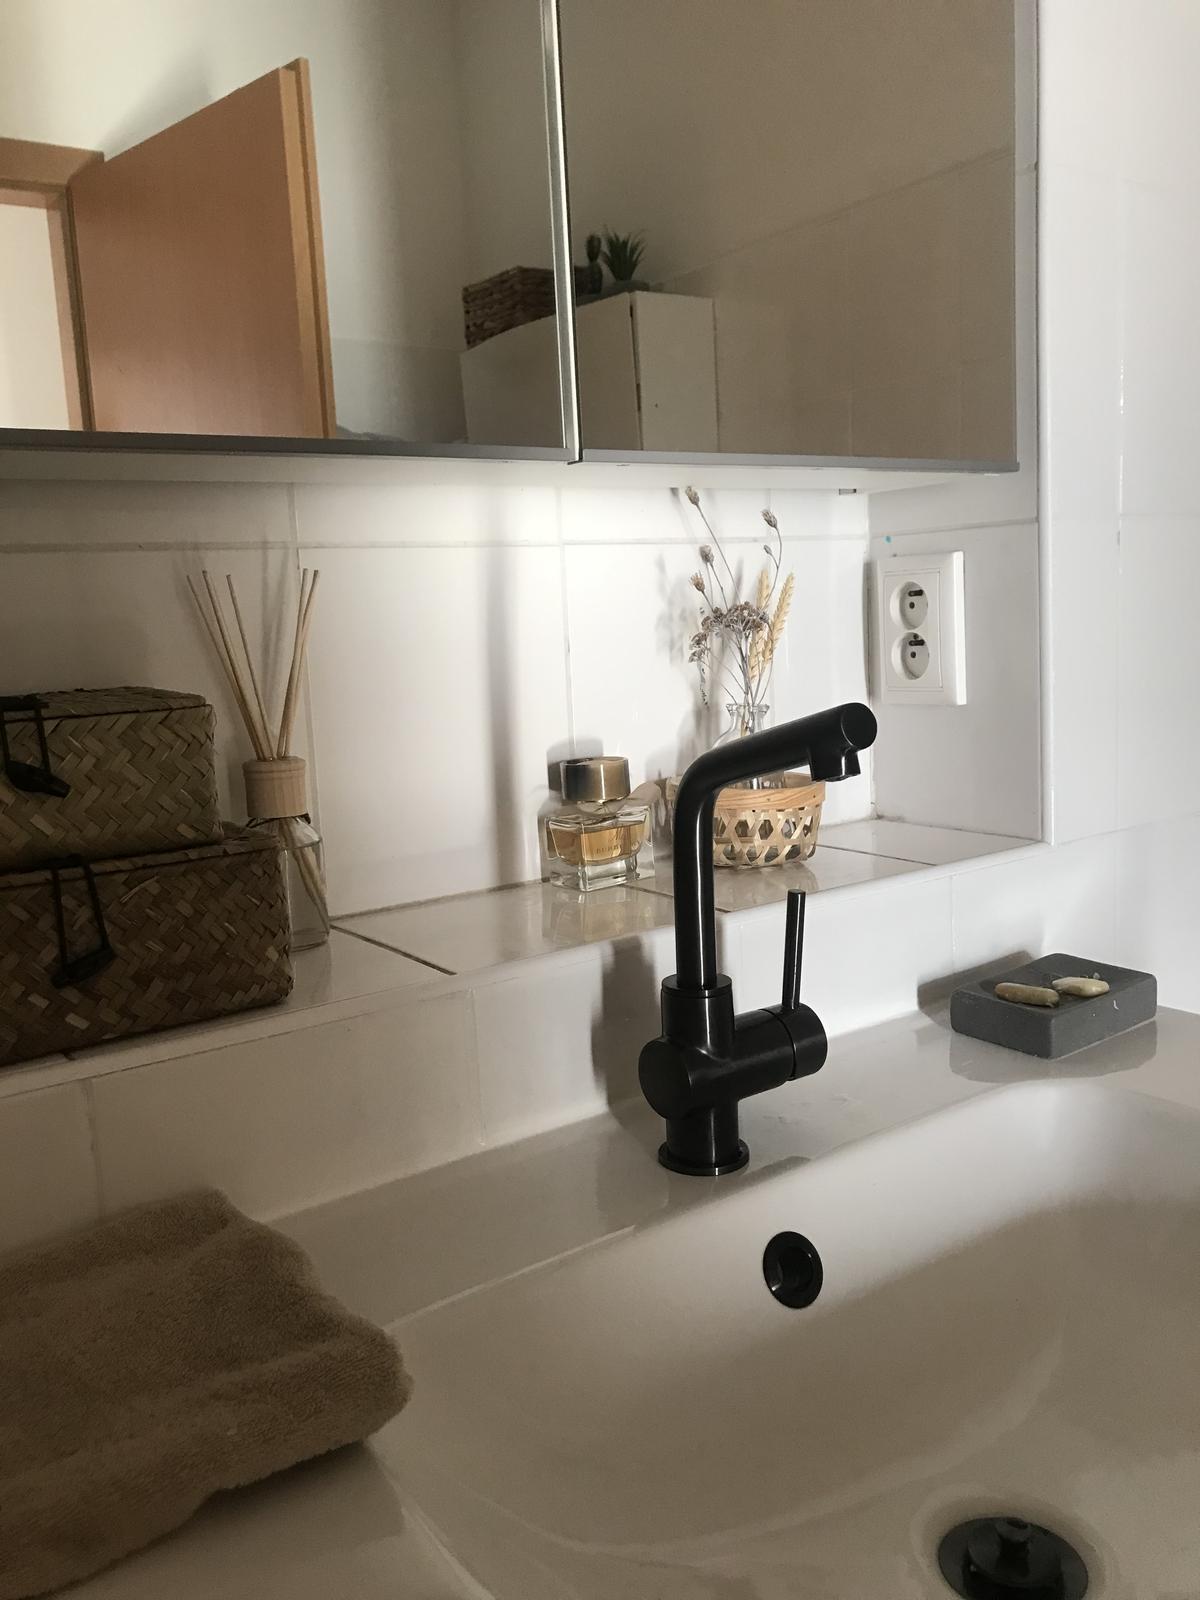 Z příšerné koupelny tvořím trochu lepší 💪 - Obrázek č. 26